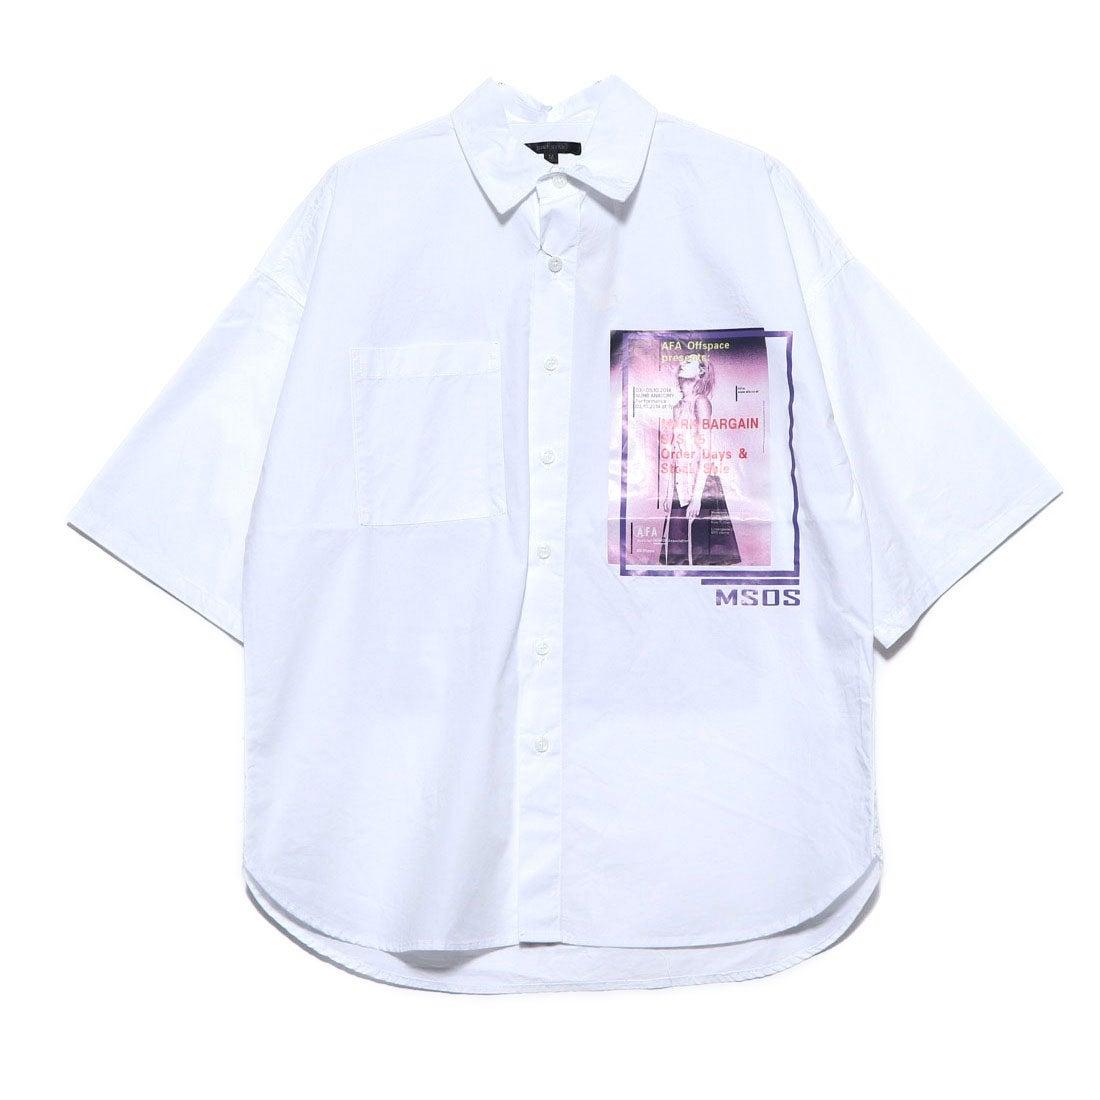 ロコンド 靴とファッションの通販サイトスタイルブロック STYLEBLOCK フォト付きタイプライター半袖ビッグシャツ (ホワイト)